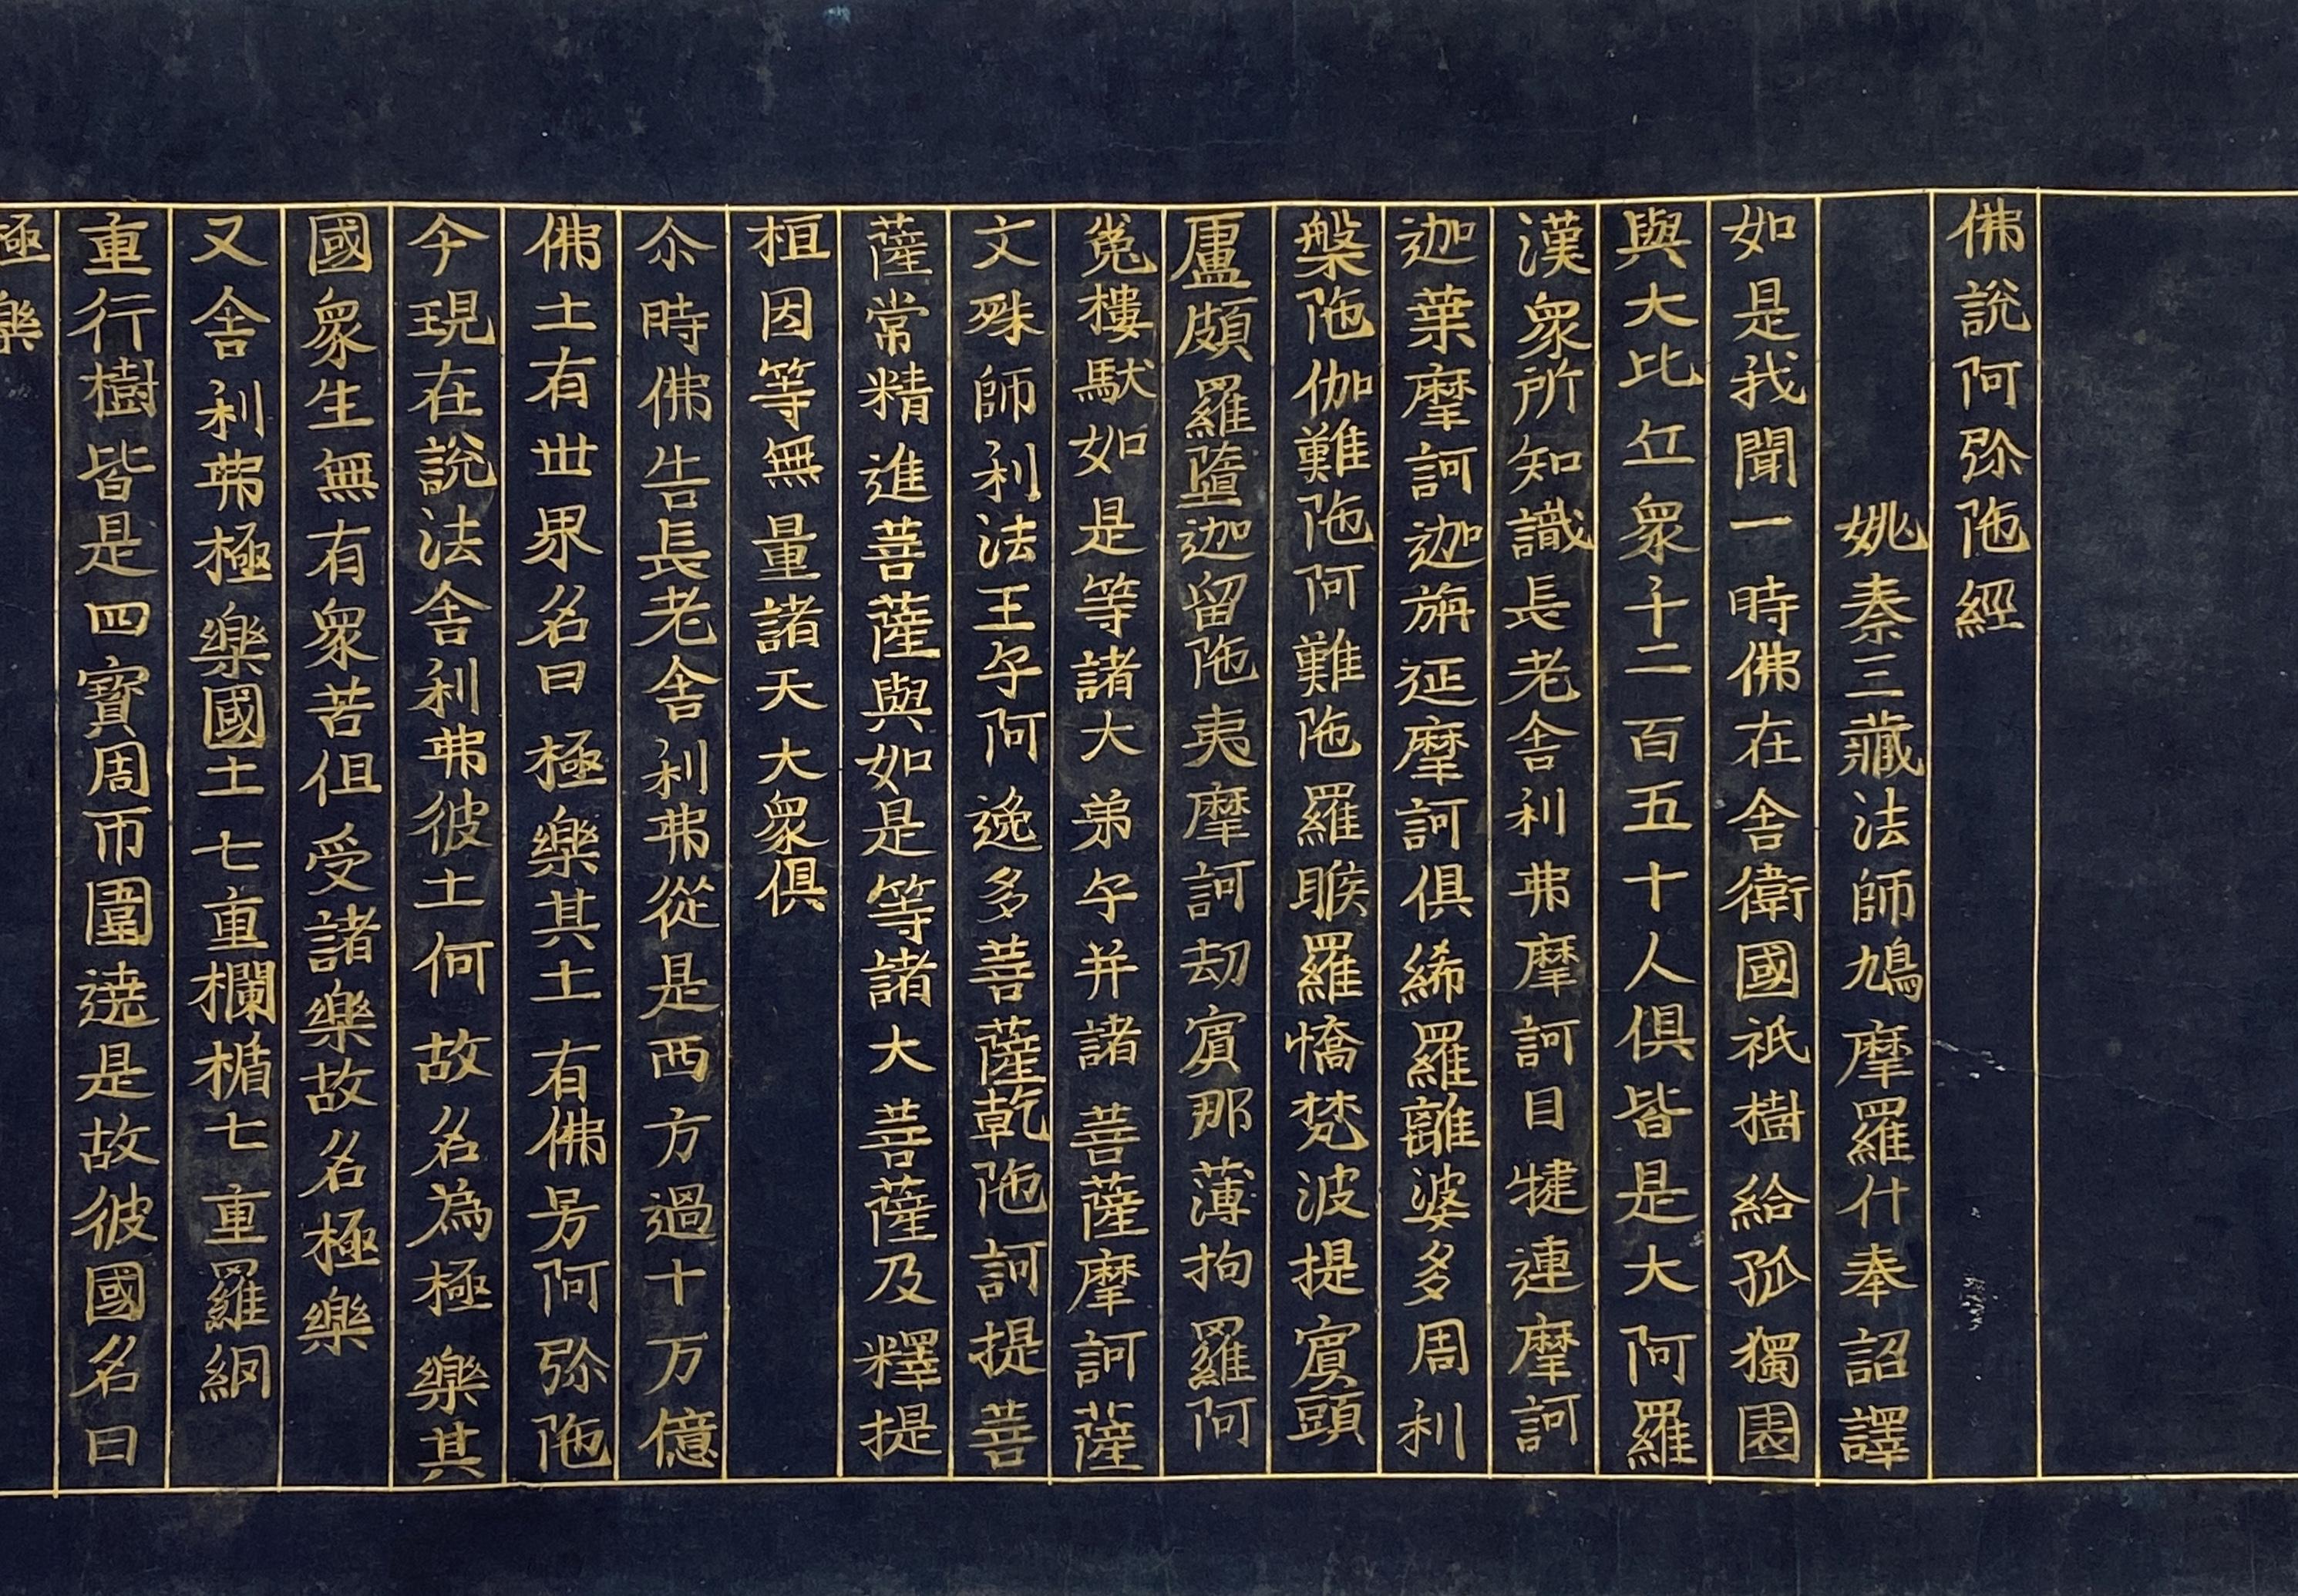 20623十七世紀 佛説阿弥陀経 一巻